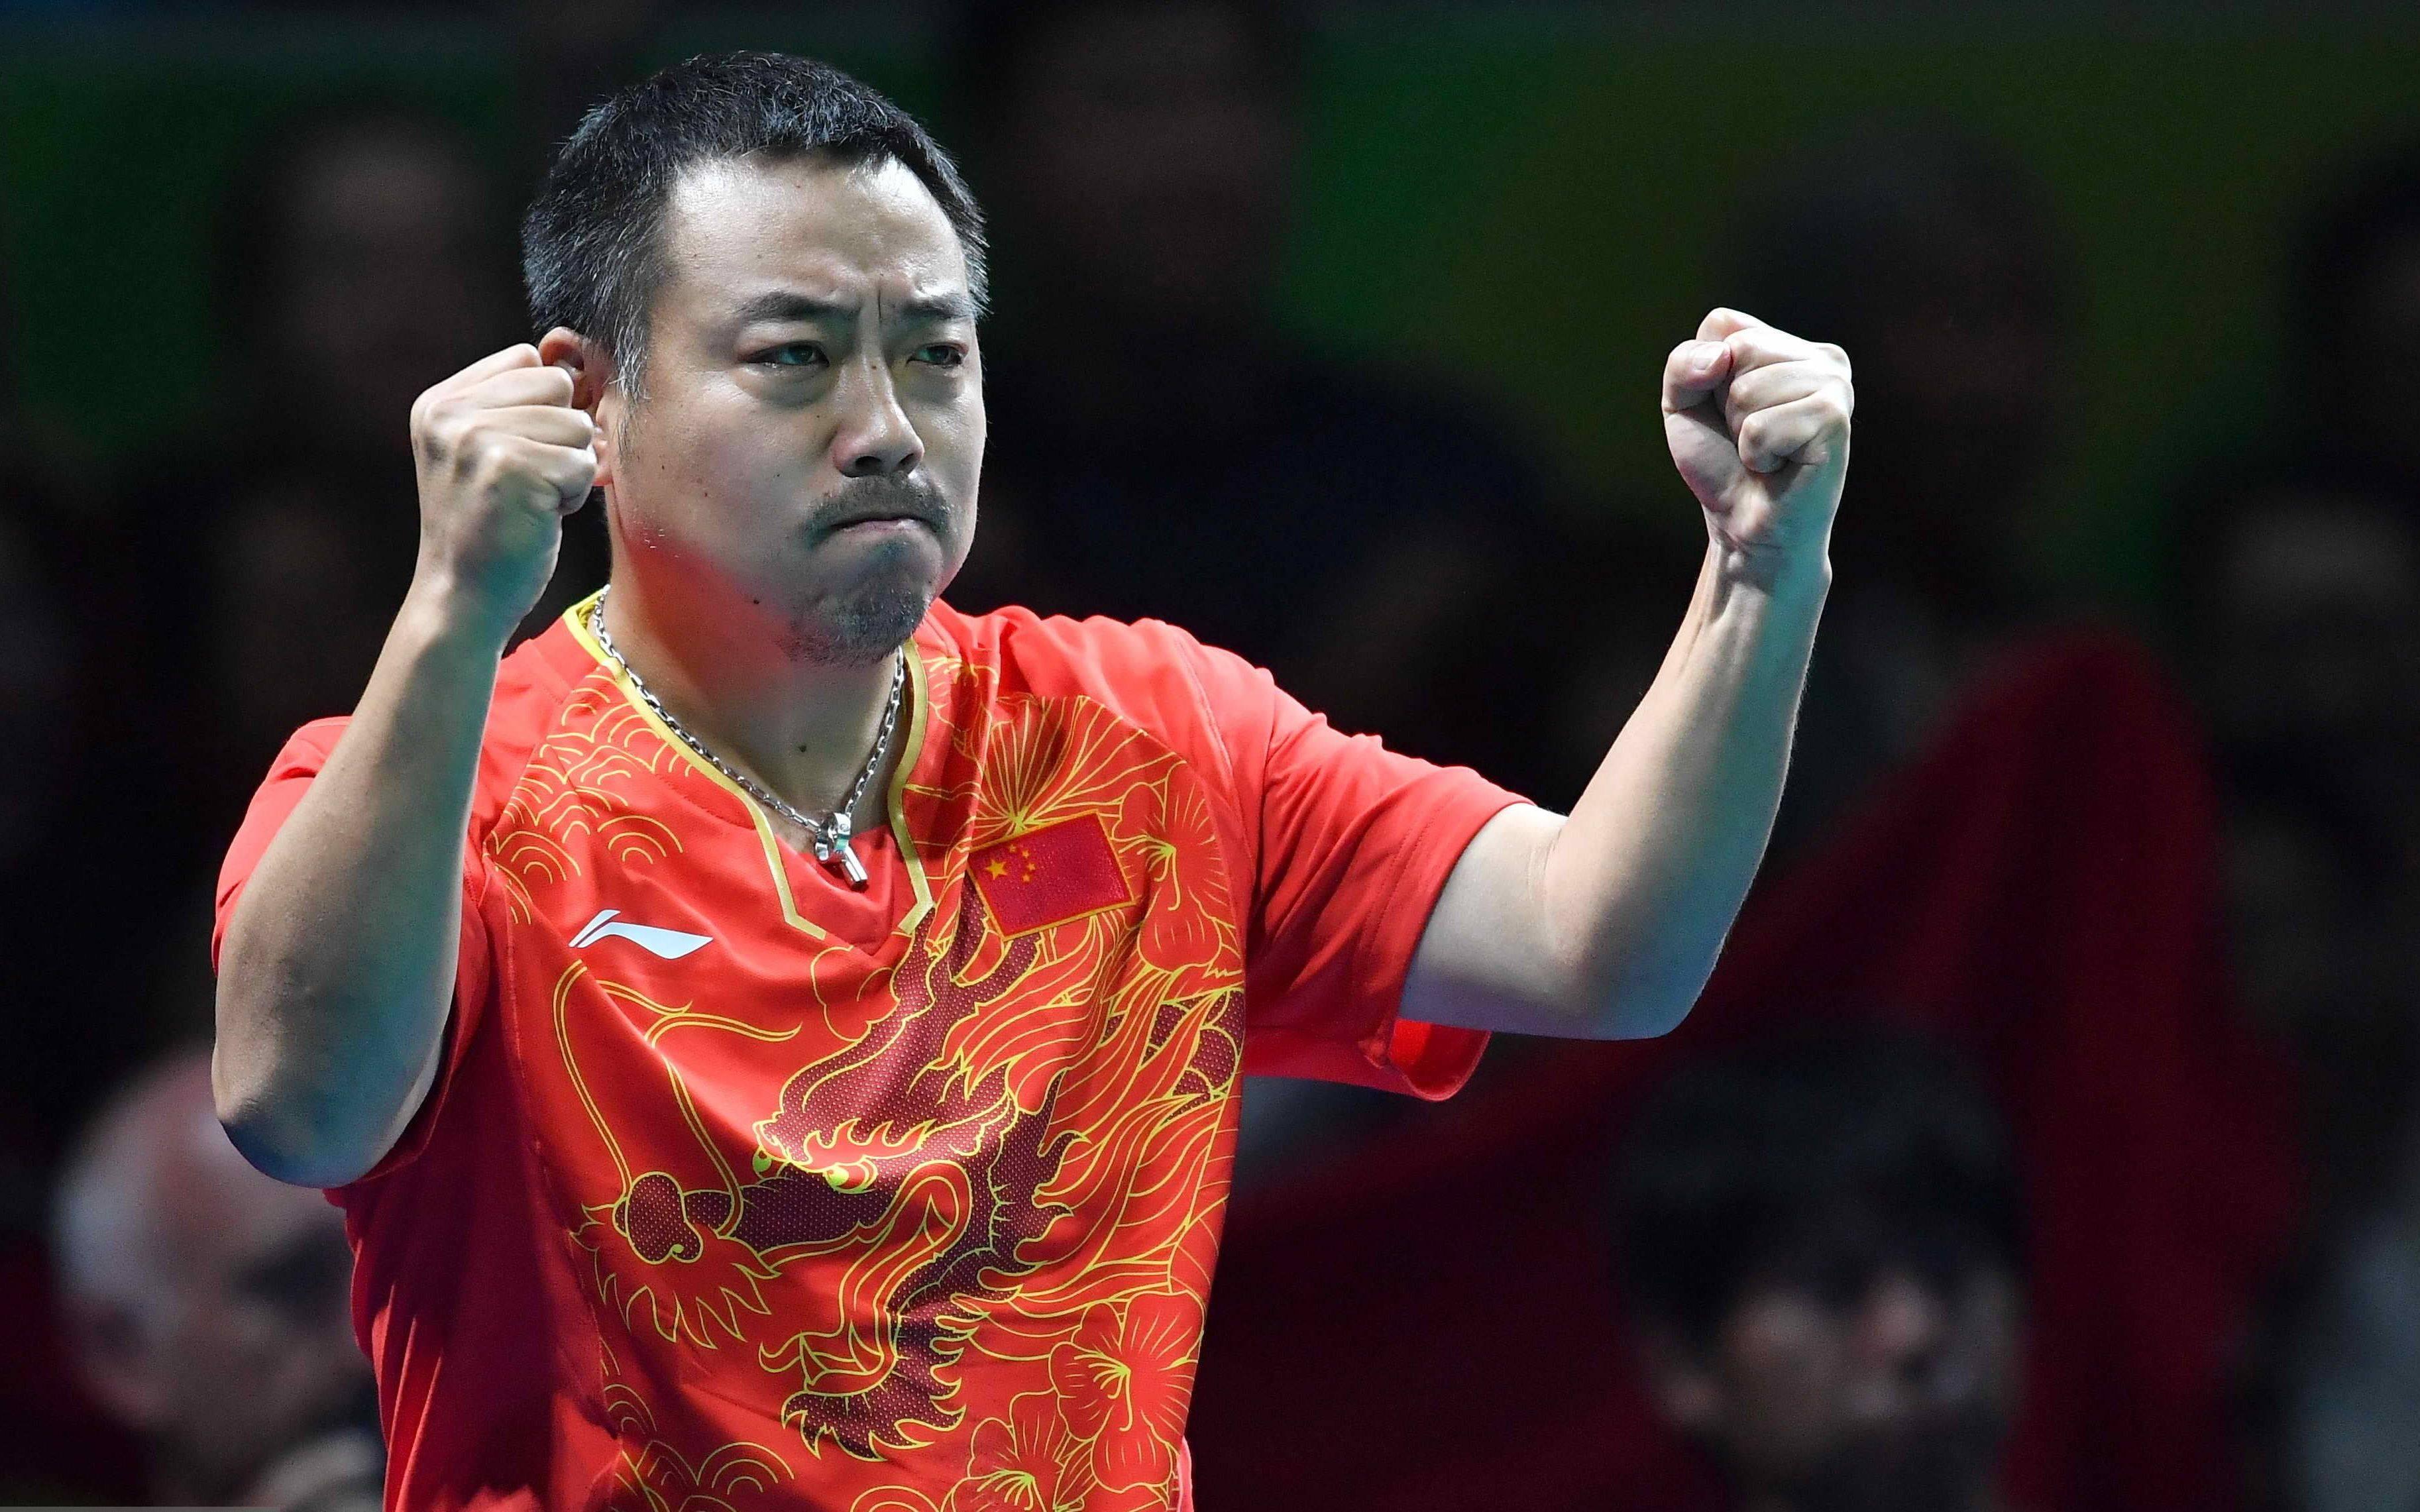 刘国梁先生担任世界乒乓球联盟理